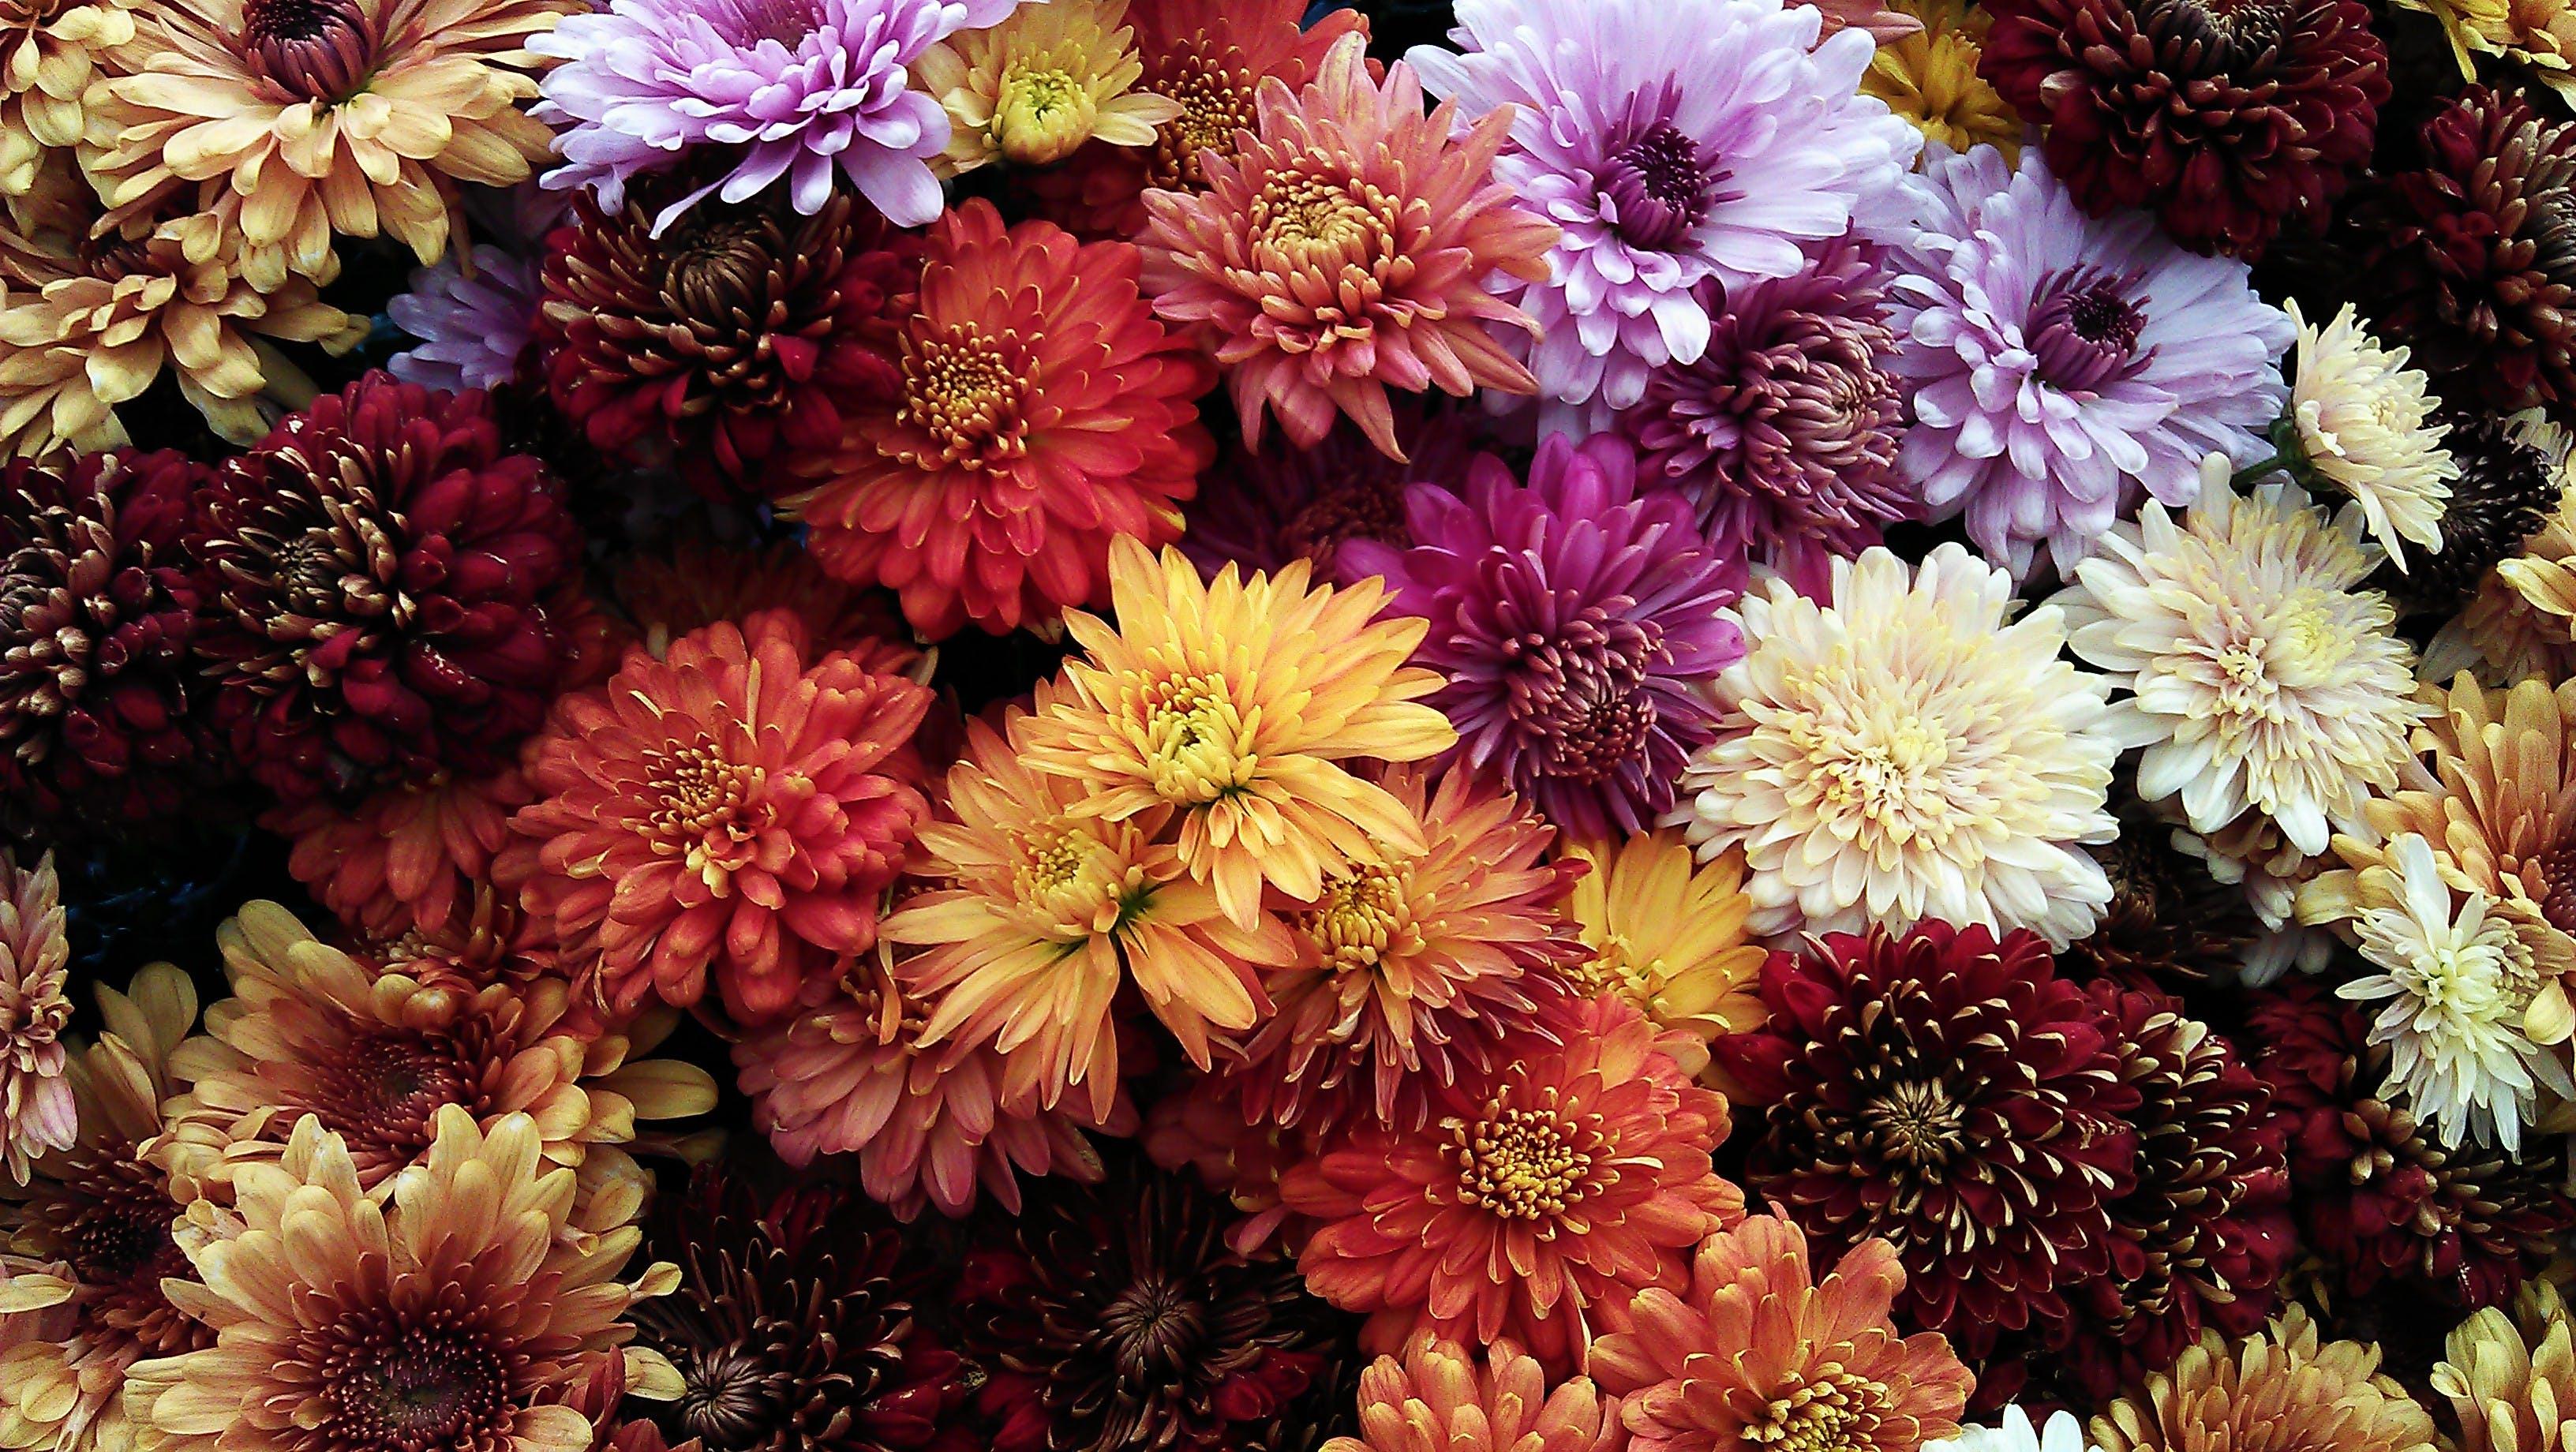 Gratis lagerfoto af assorteret, blomster, blomstrende, Botanisk